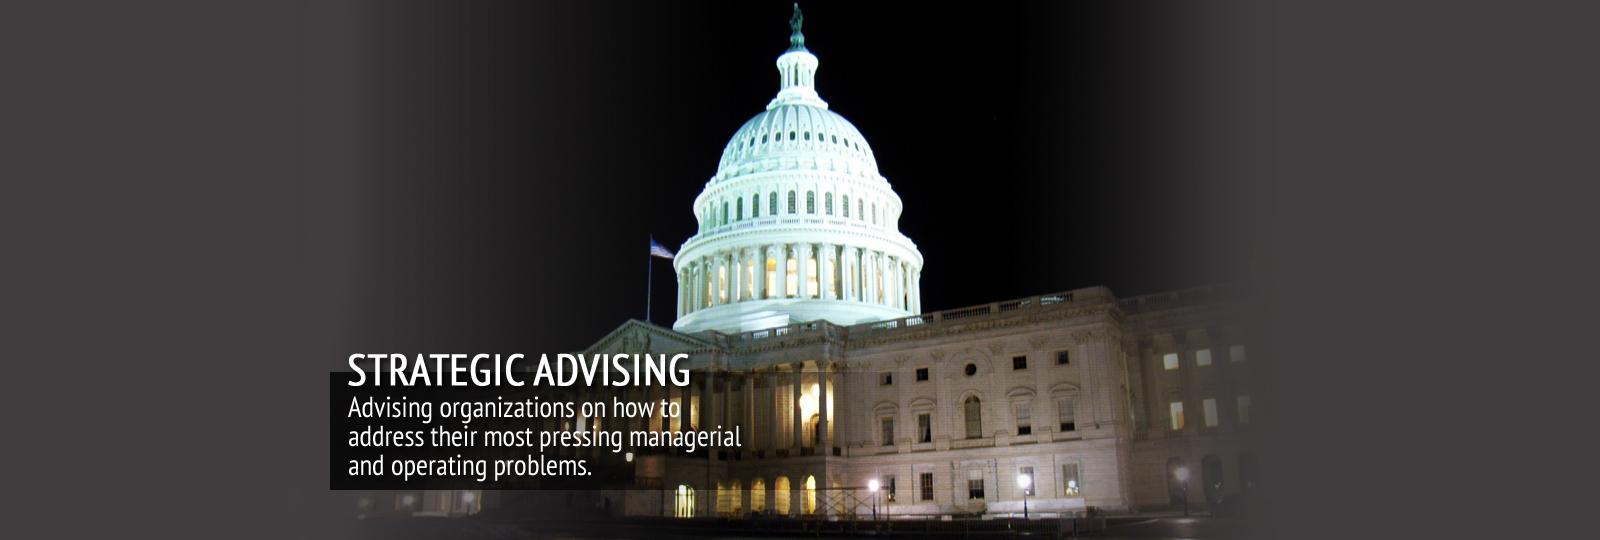 Slide 2 – Strategic Advising